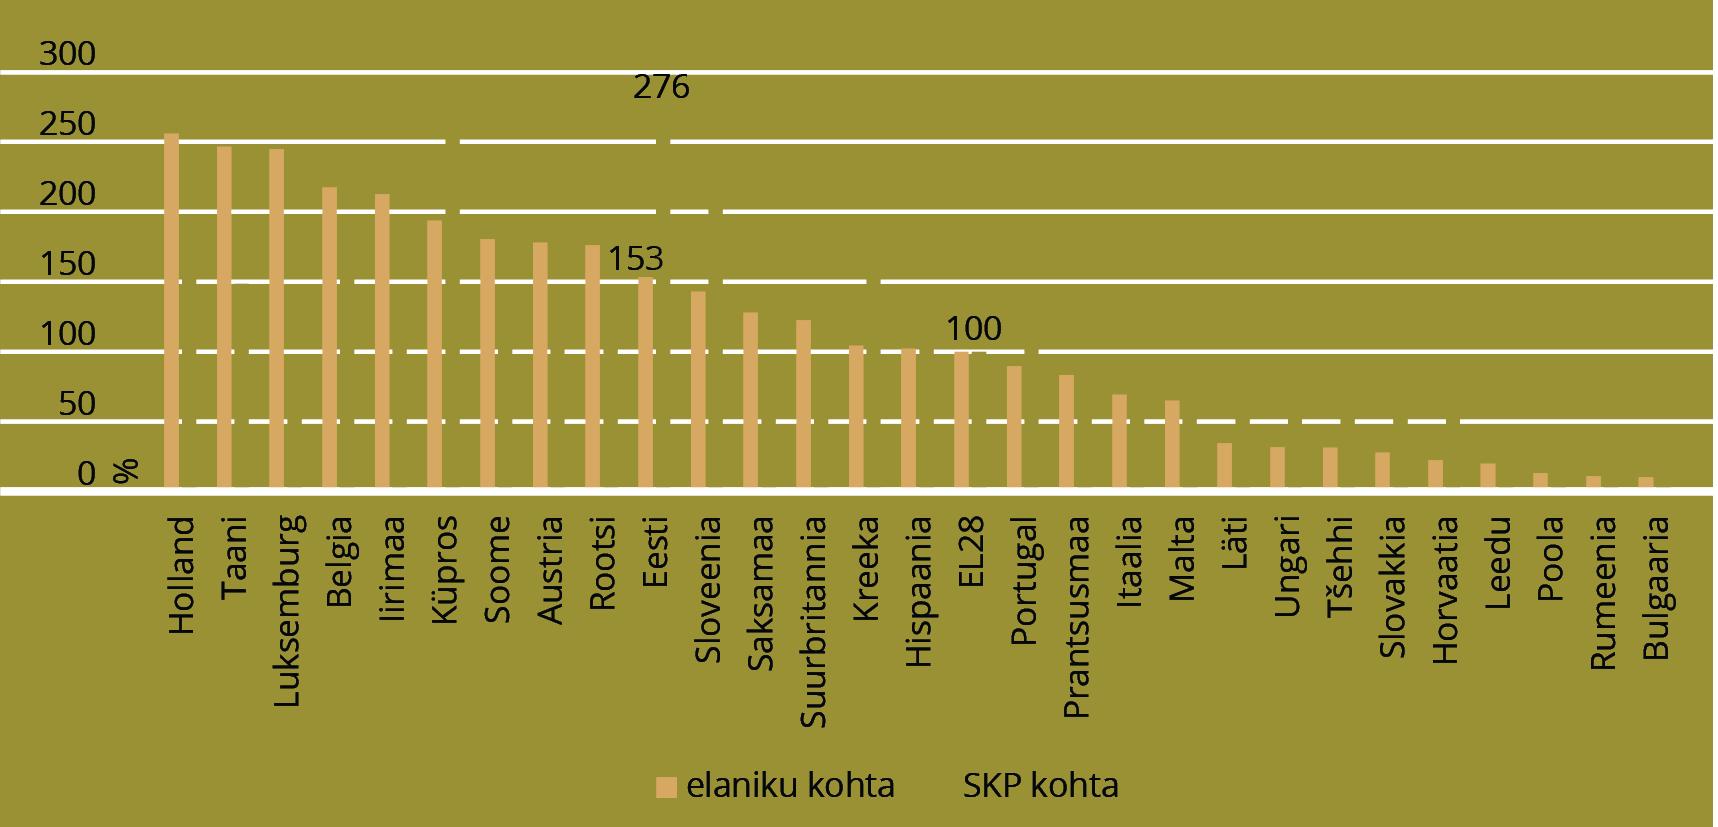 JOONIS 6. Tulu ELi raamprogrammist Horisont 2020 elaniku kohta ja SKP kohta, % ELi keskmisest. Allikas: Euroopa Komisjoni E-CORDA andmebaas (seisuga 23.02.2016), HTM arvutused